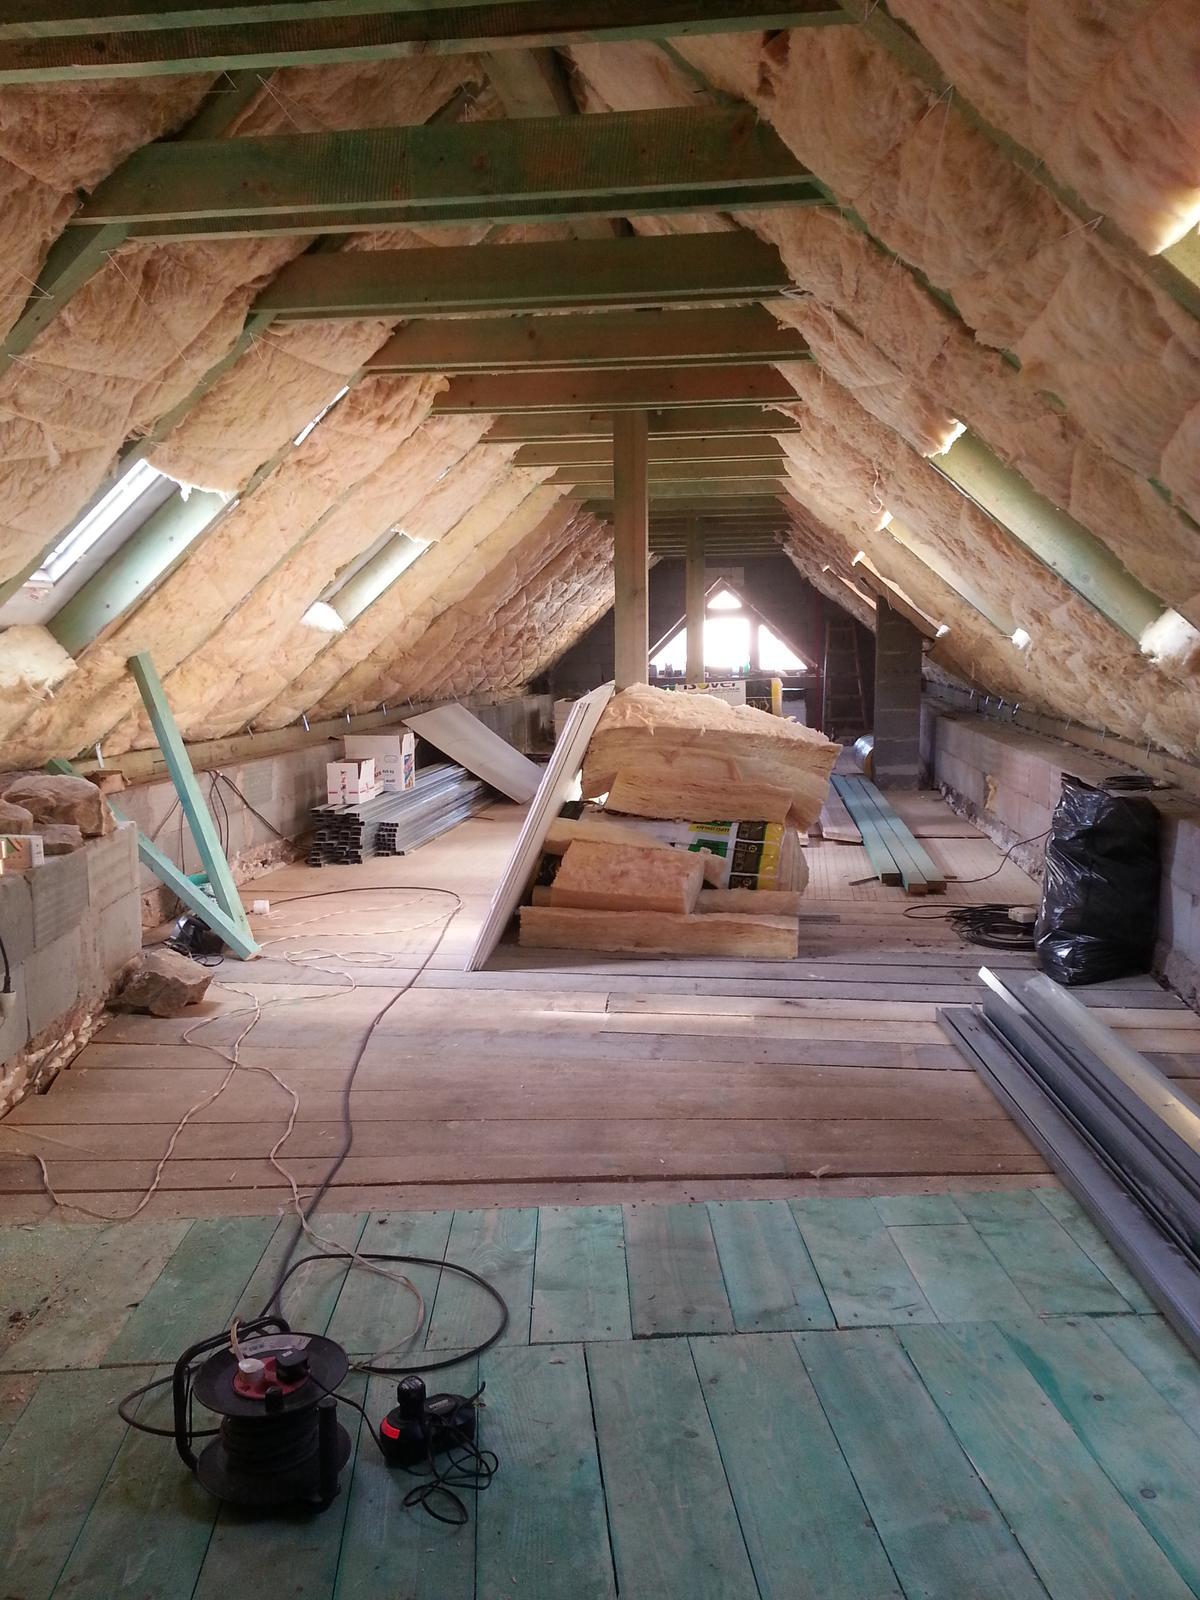 Rekonstrukcia podkrovia - Obrázok č. 7